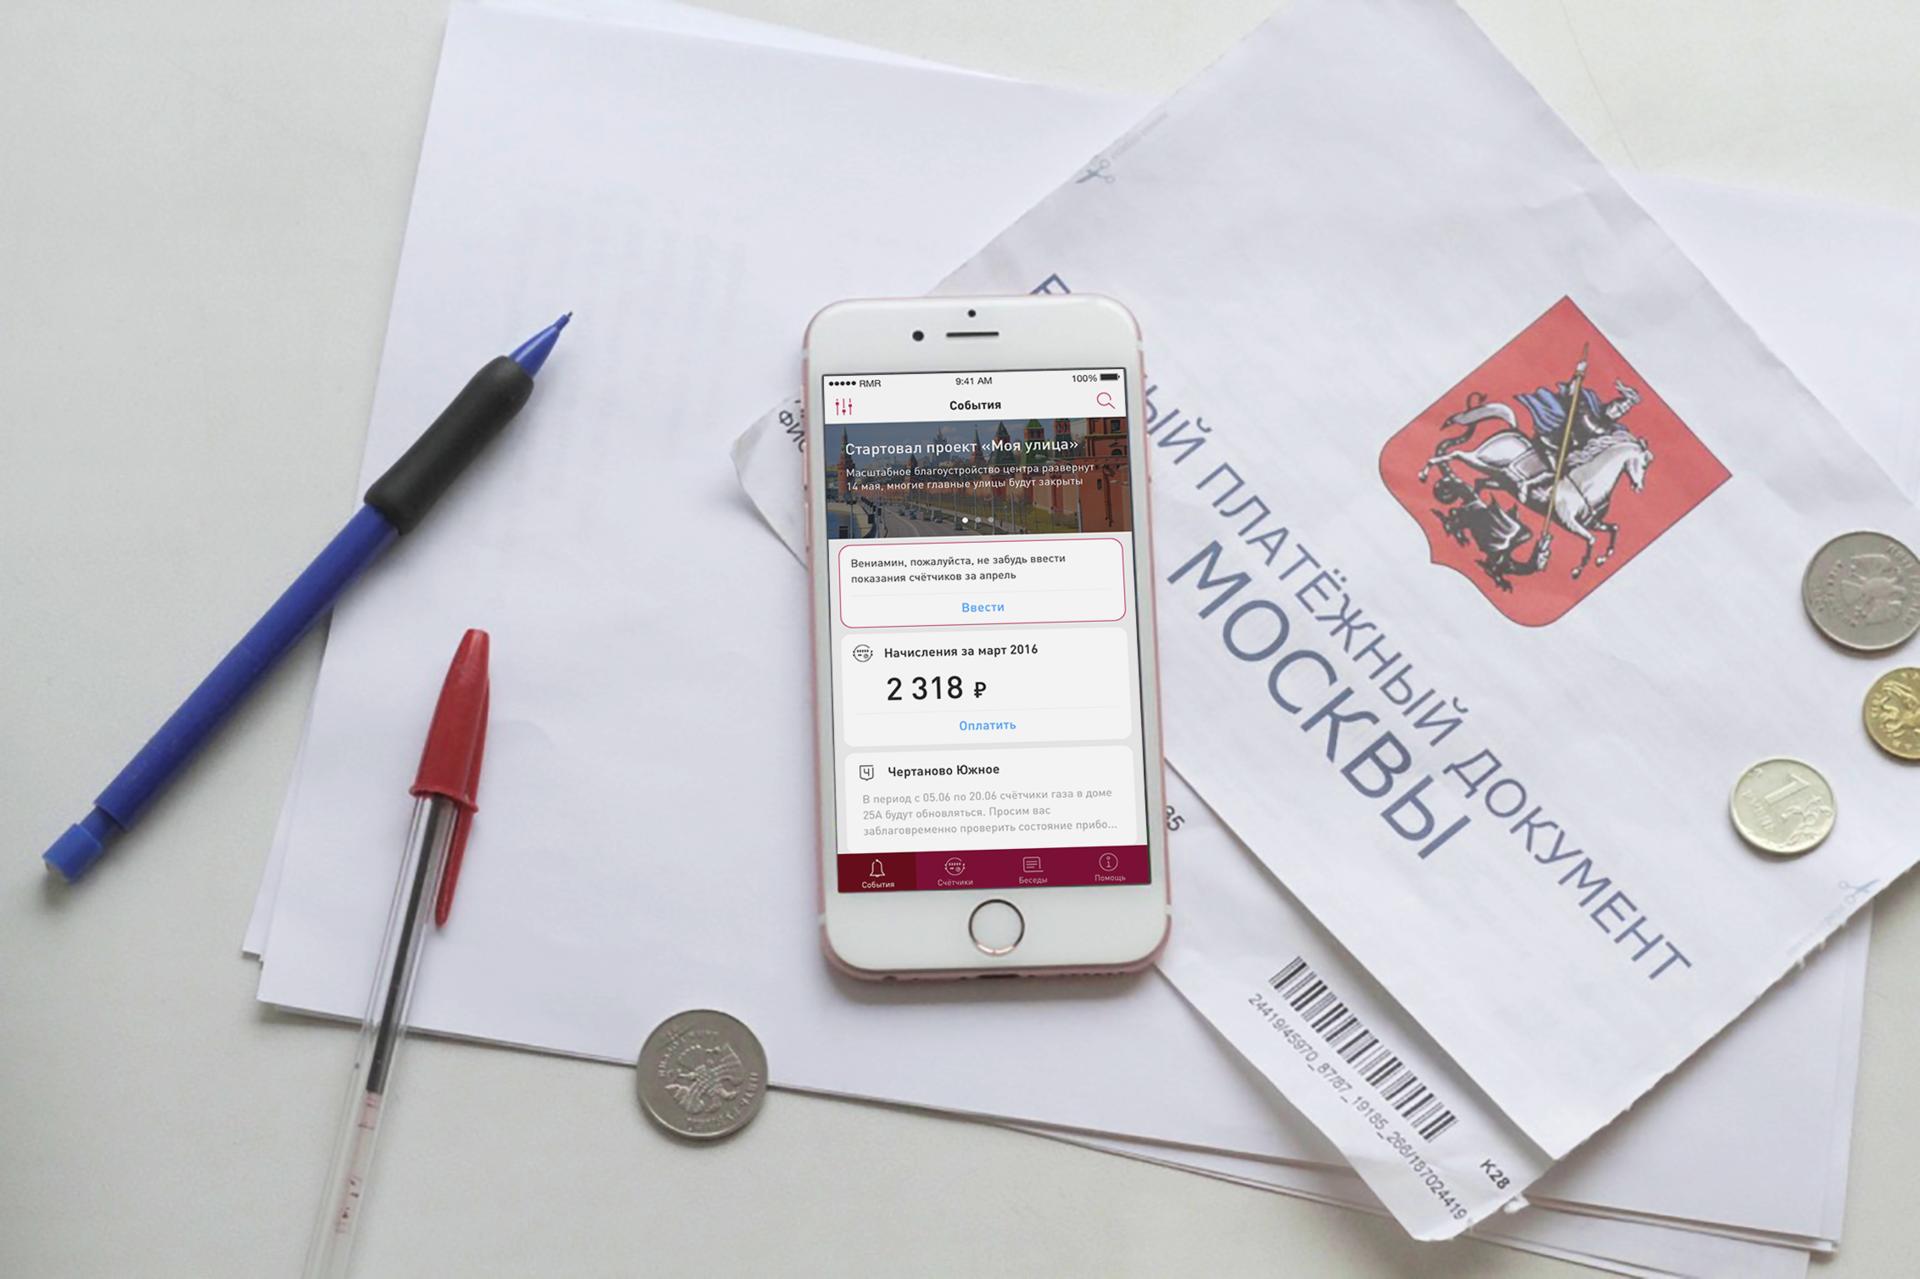 оплата мтс через телефон мобильный банк